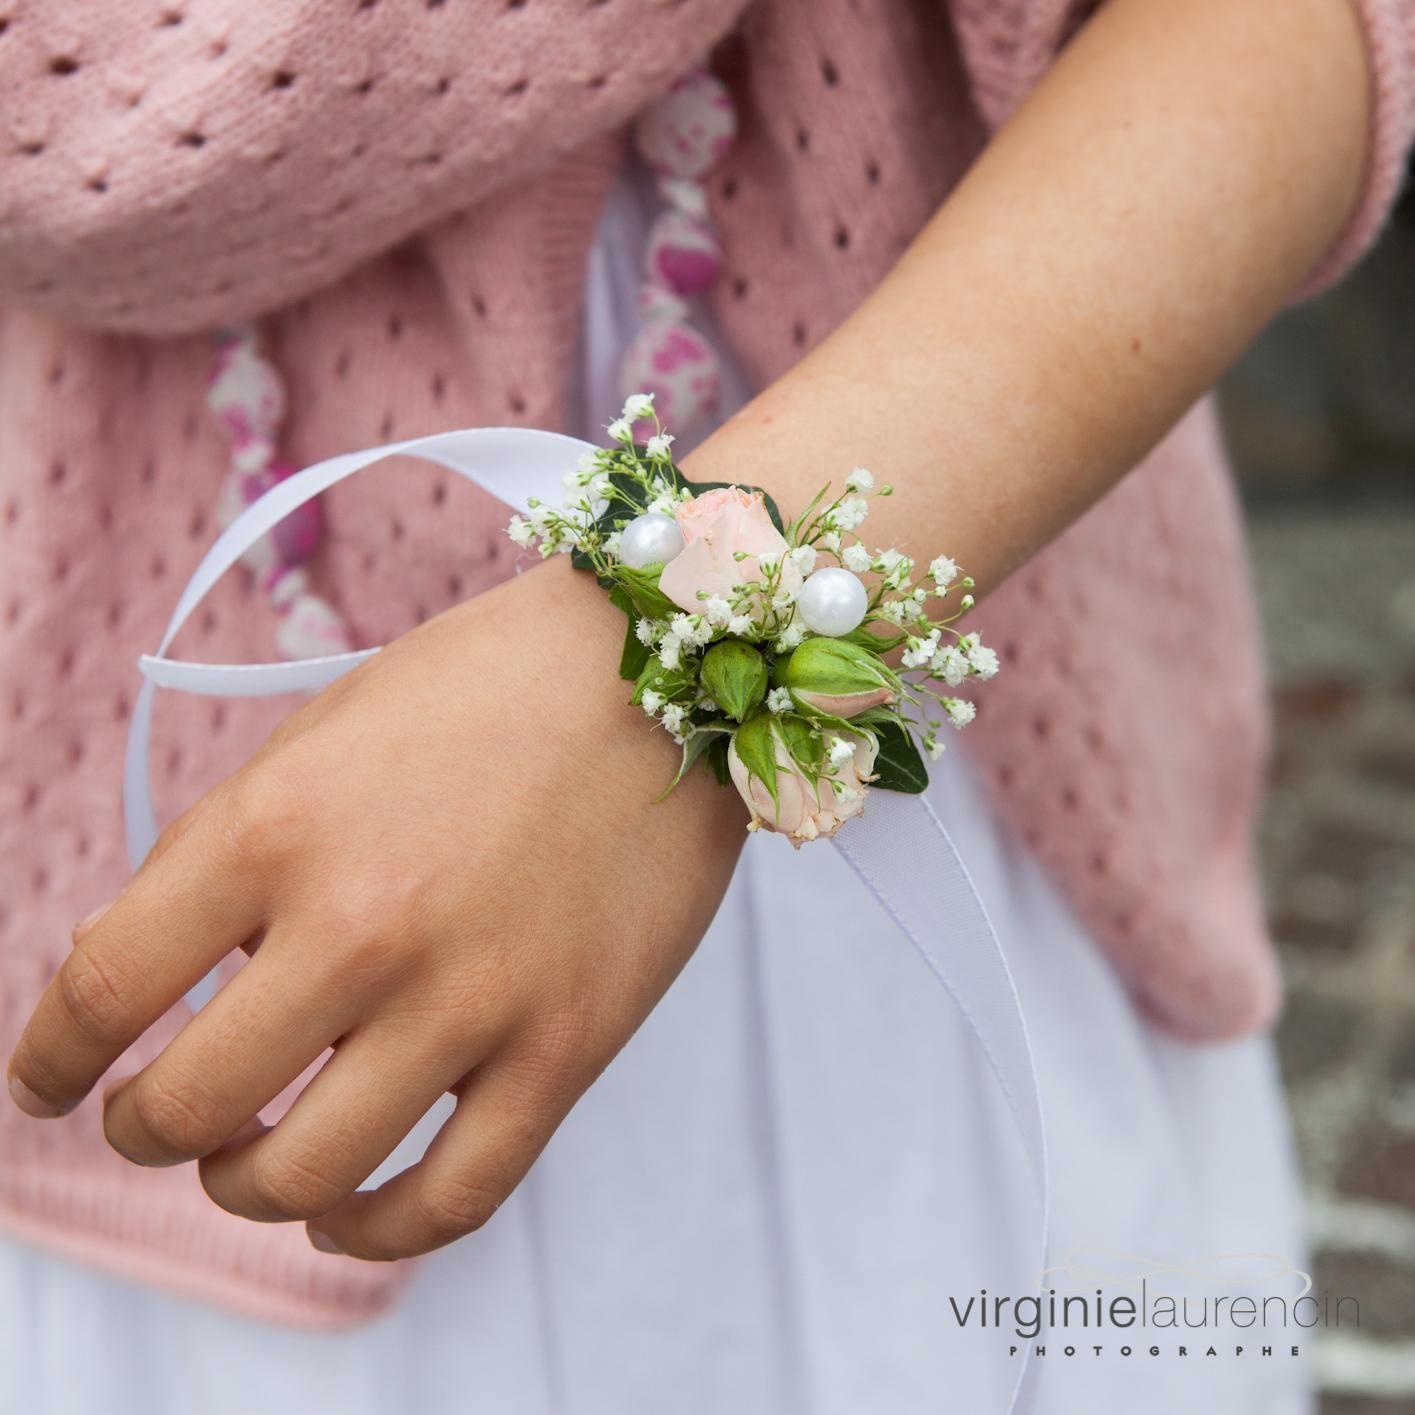 Fleuriste Saint Marcellin En Is Re 38 Armband Hochzeit Blumenstrauss Hochzeit Trauzeugin Armband Blumen